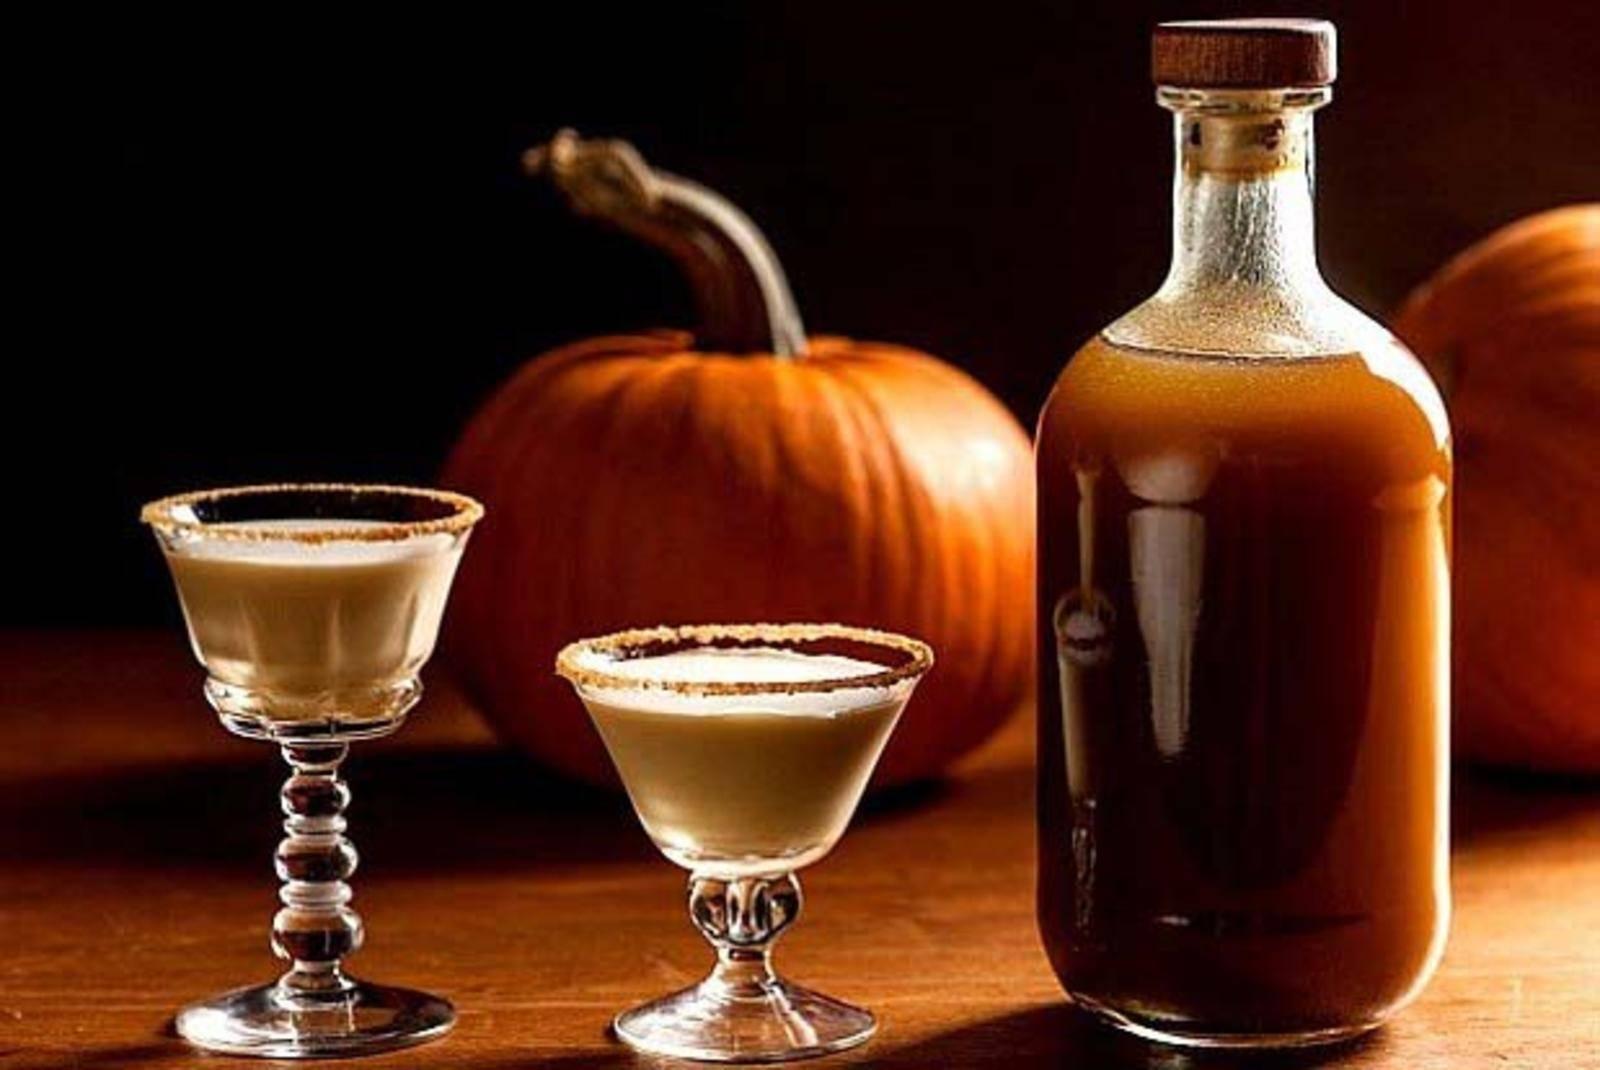 Ликер куантро в домашних условиях: рецепт на самогоне, спирту или водке